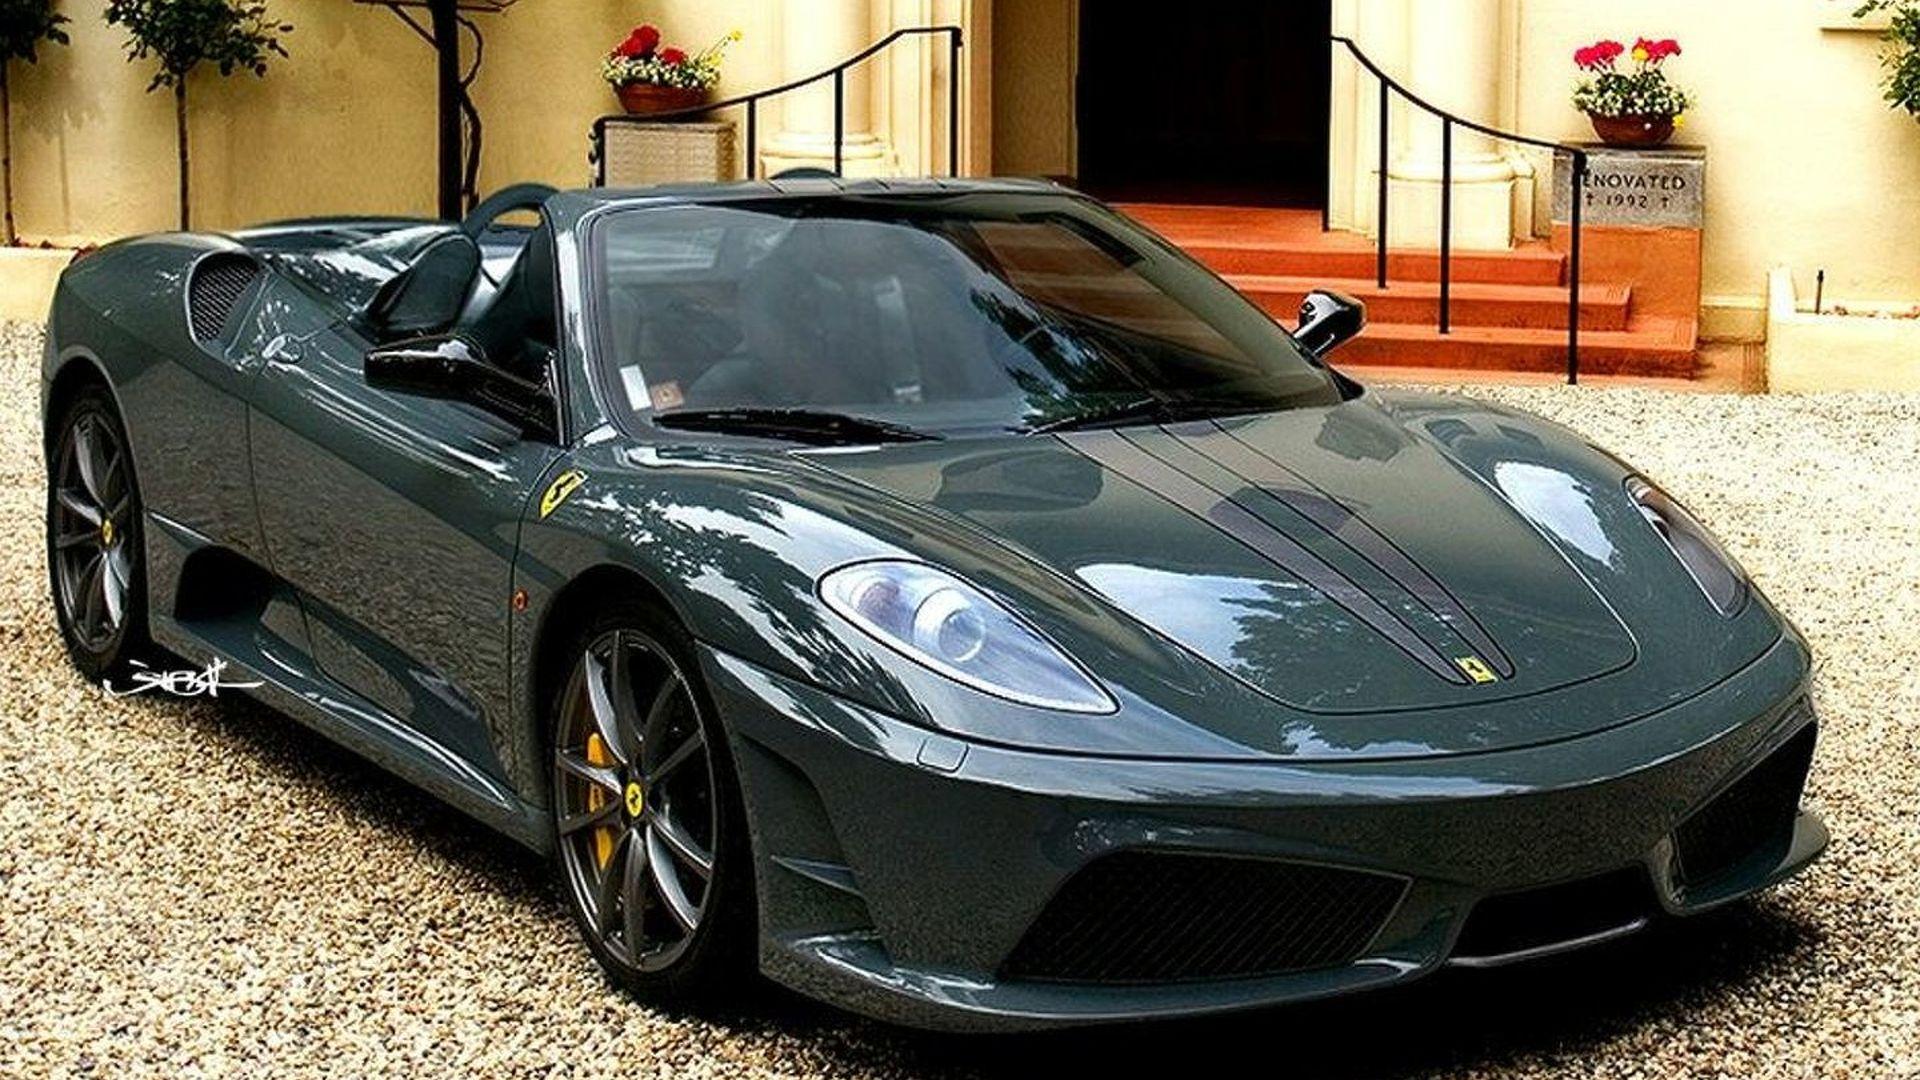 Rendered Speculation: Ferrari 430 Scuderia Spider